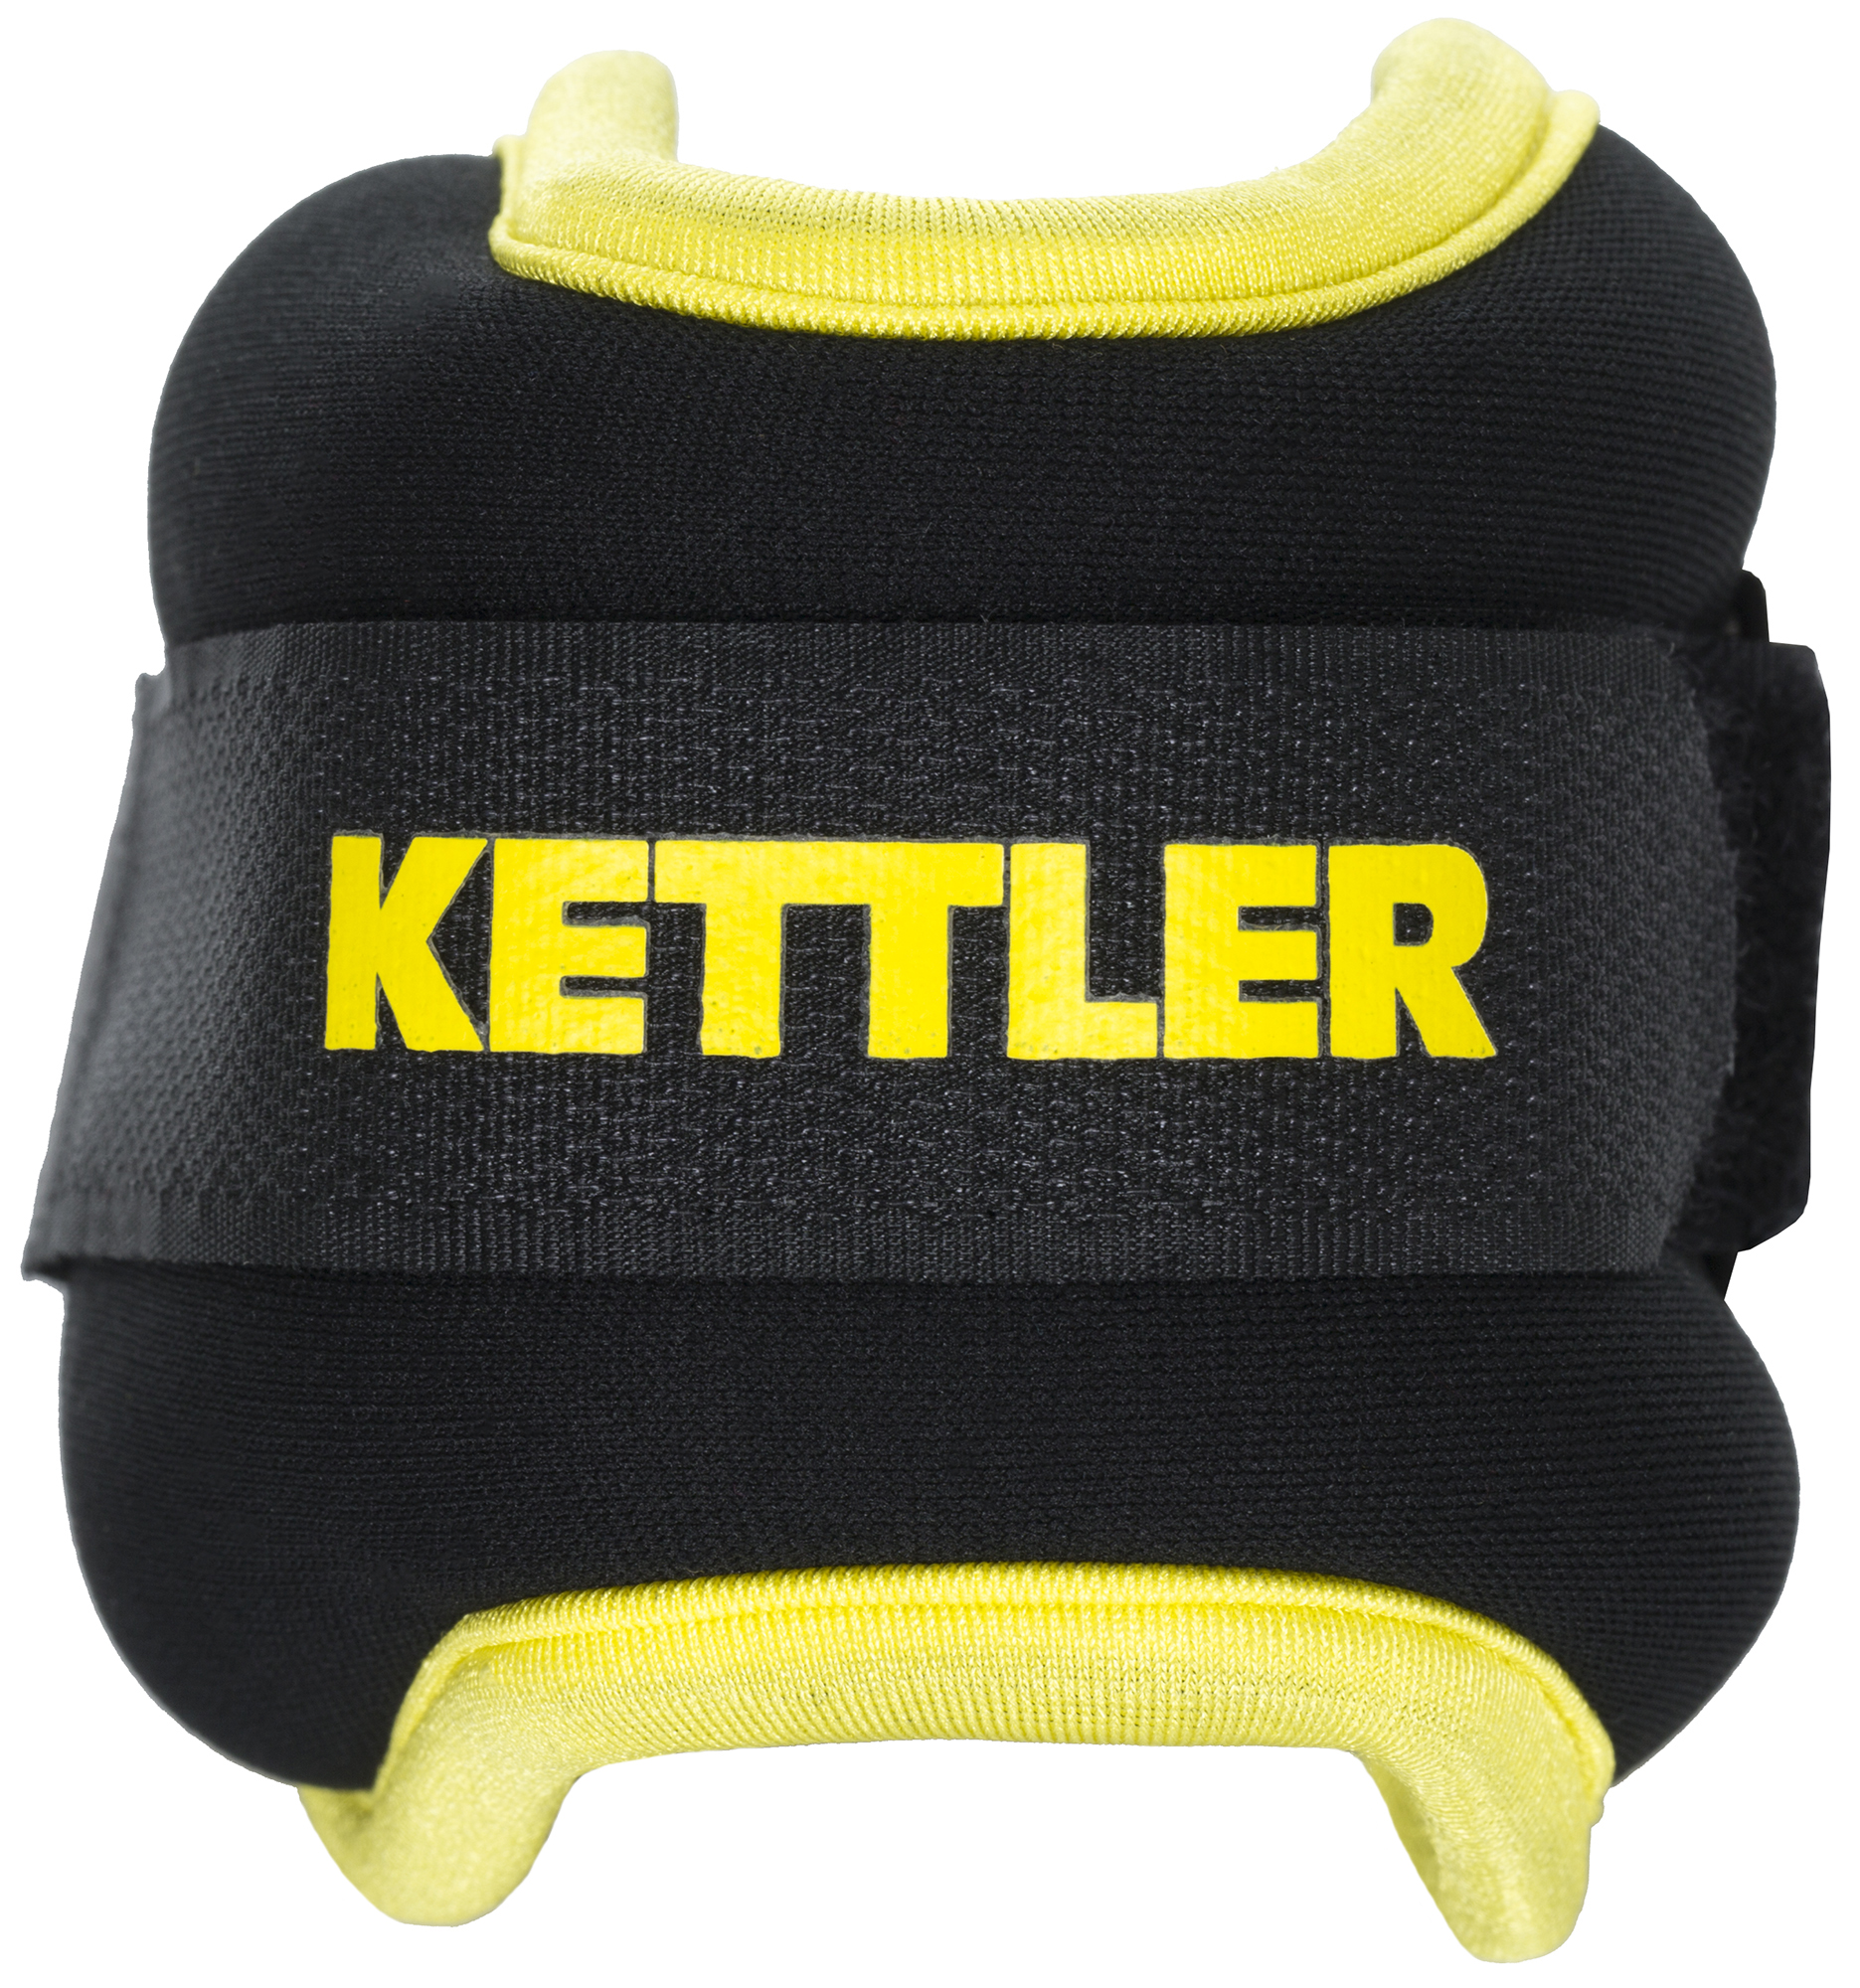 купить Kettler Утяжелители, Kettler 2 х 0,5 кг недорого